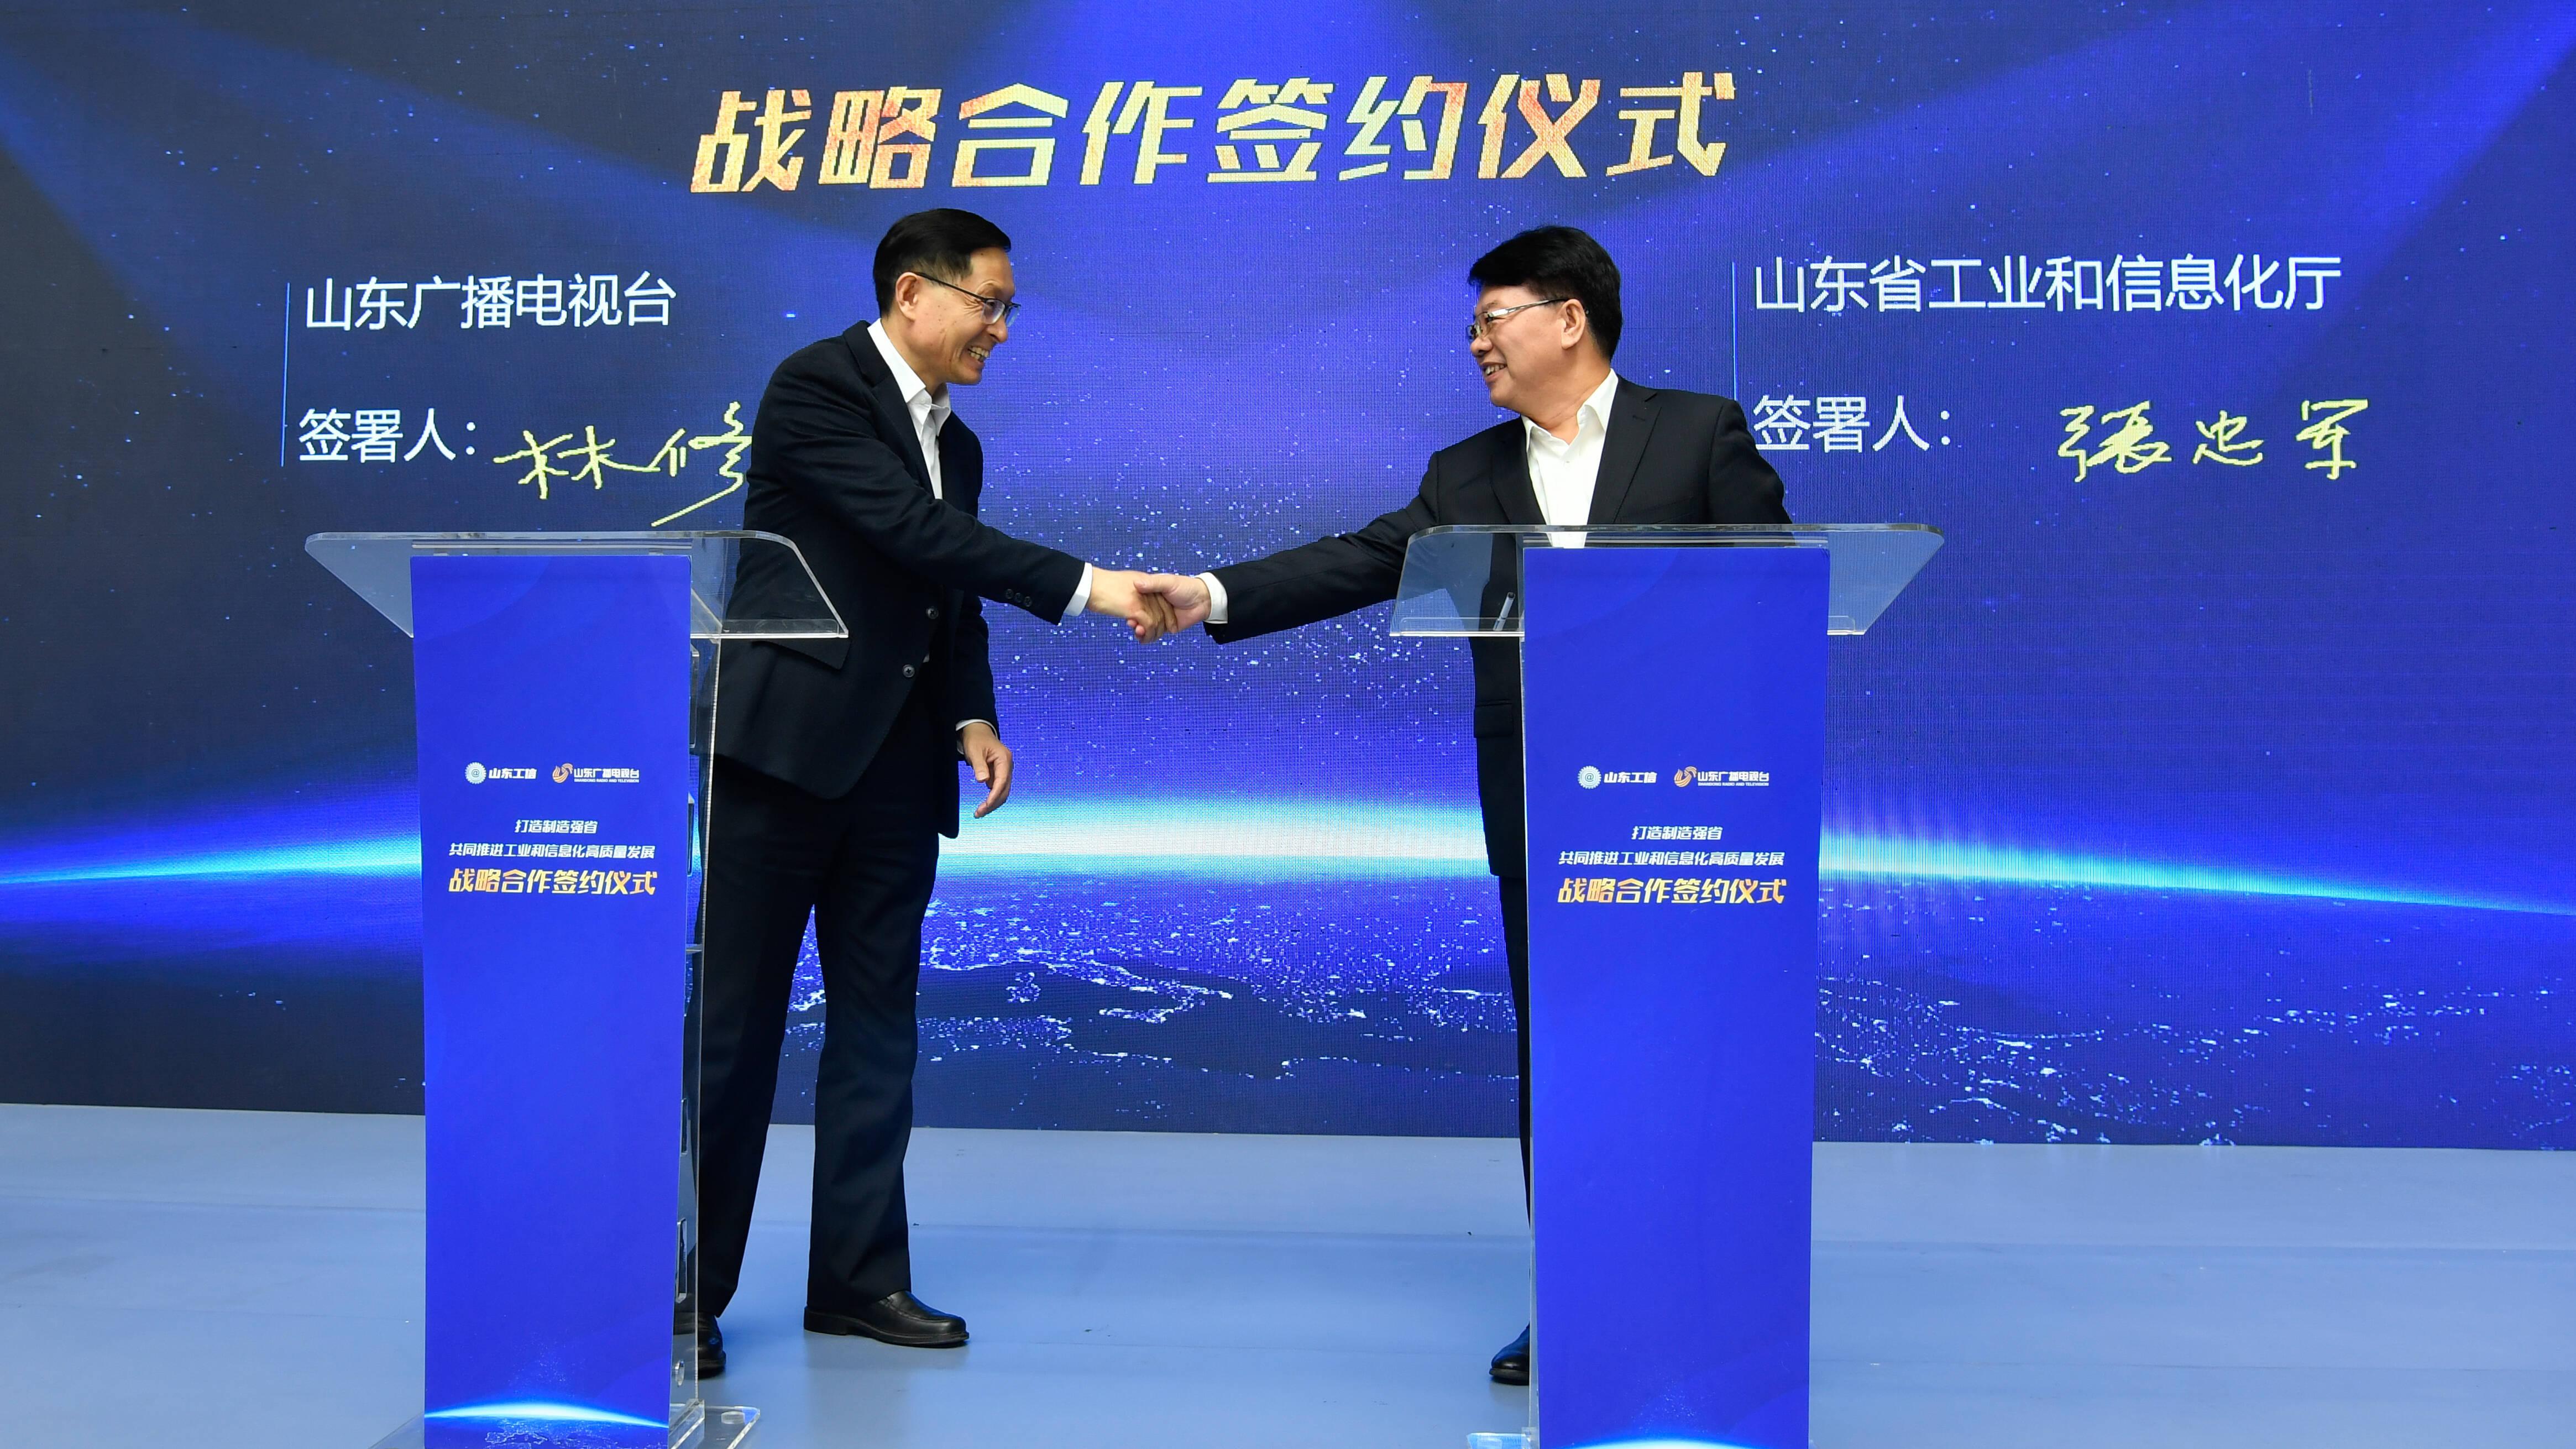 山东广电和省工信厅战略合作签约 共推工业和信息化高质量发展